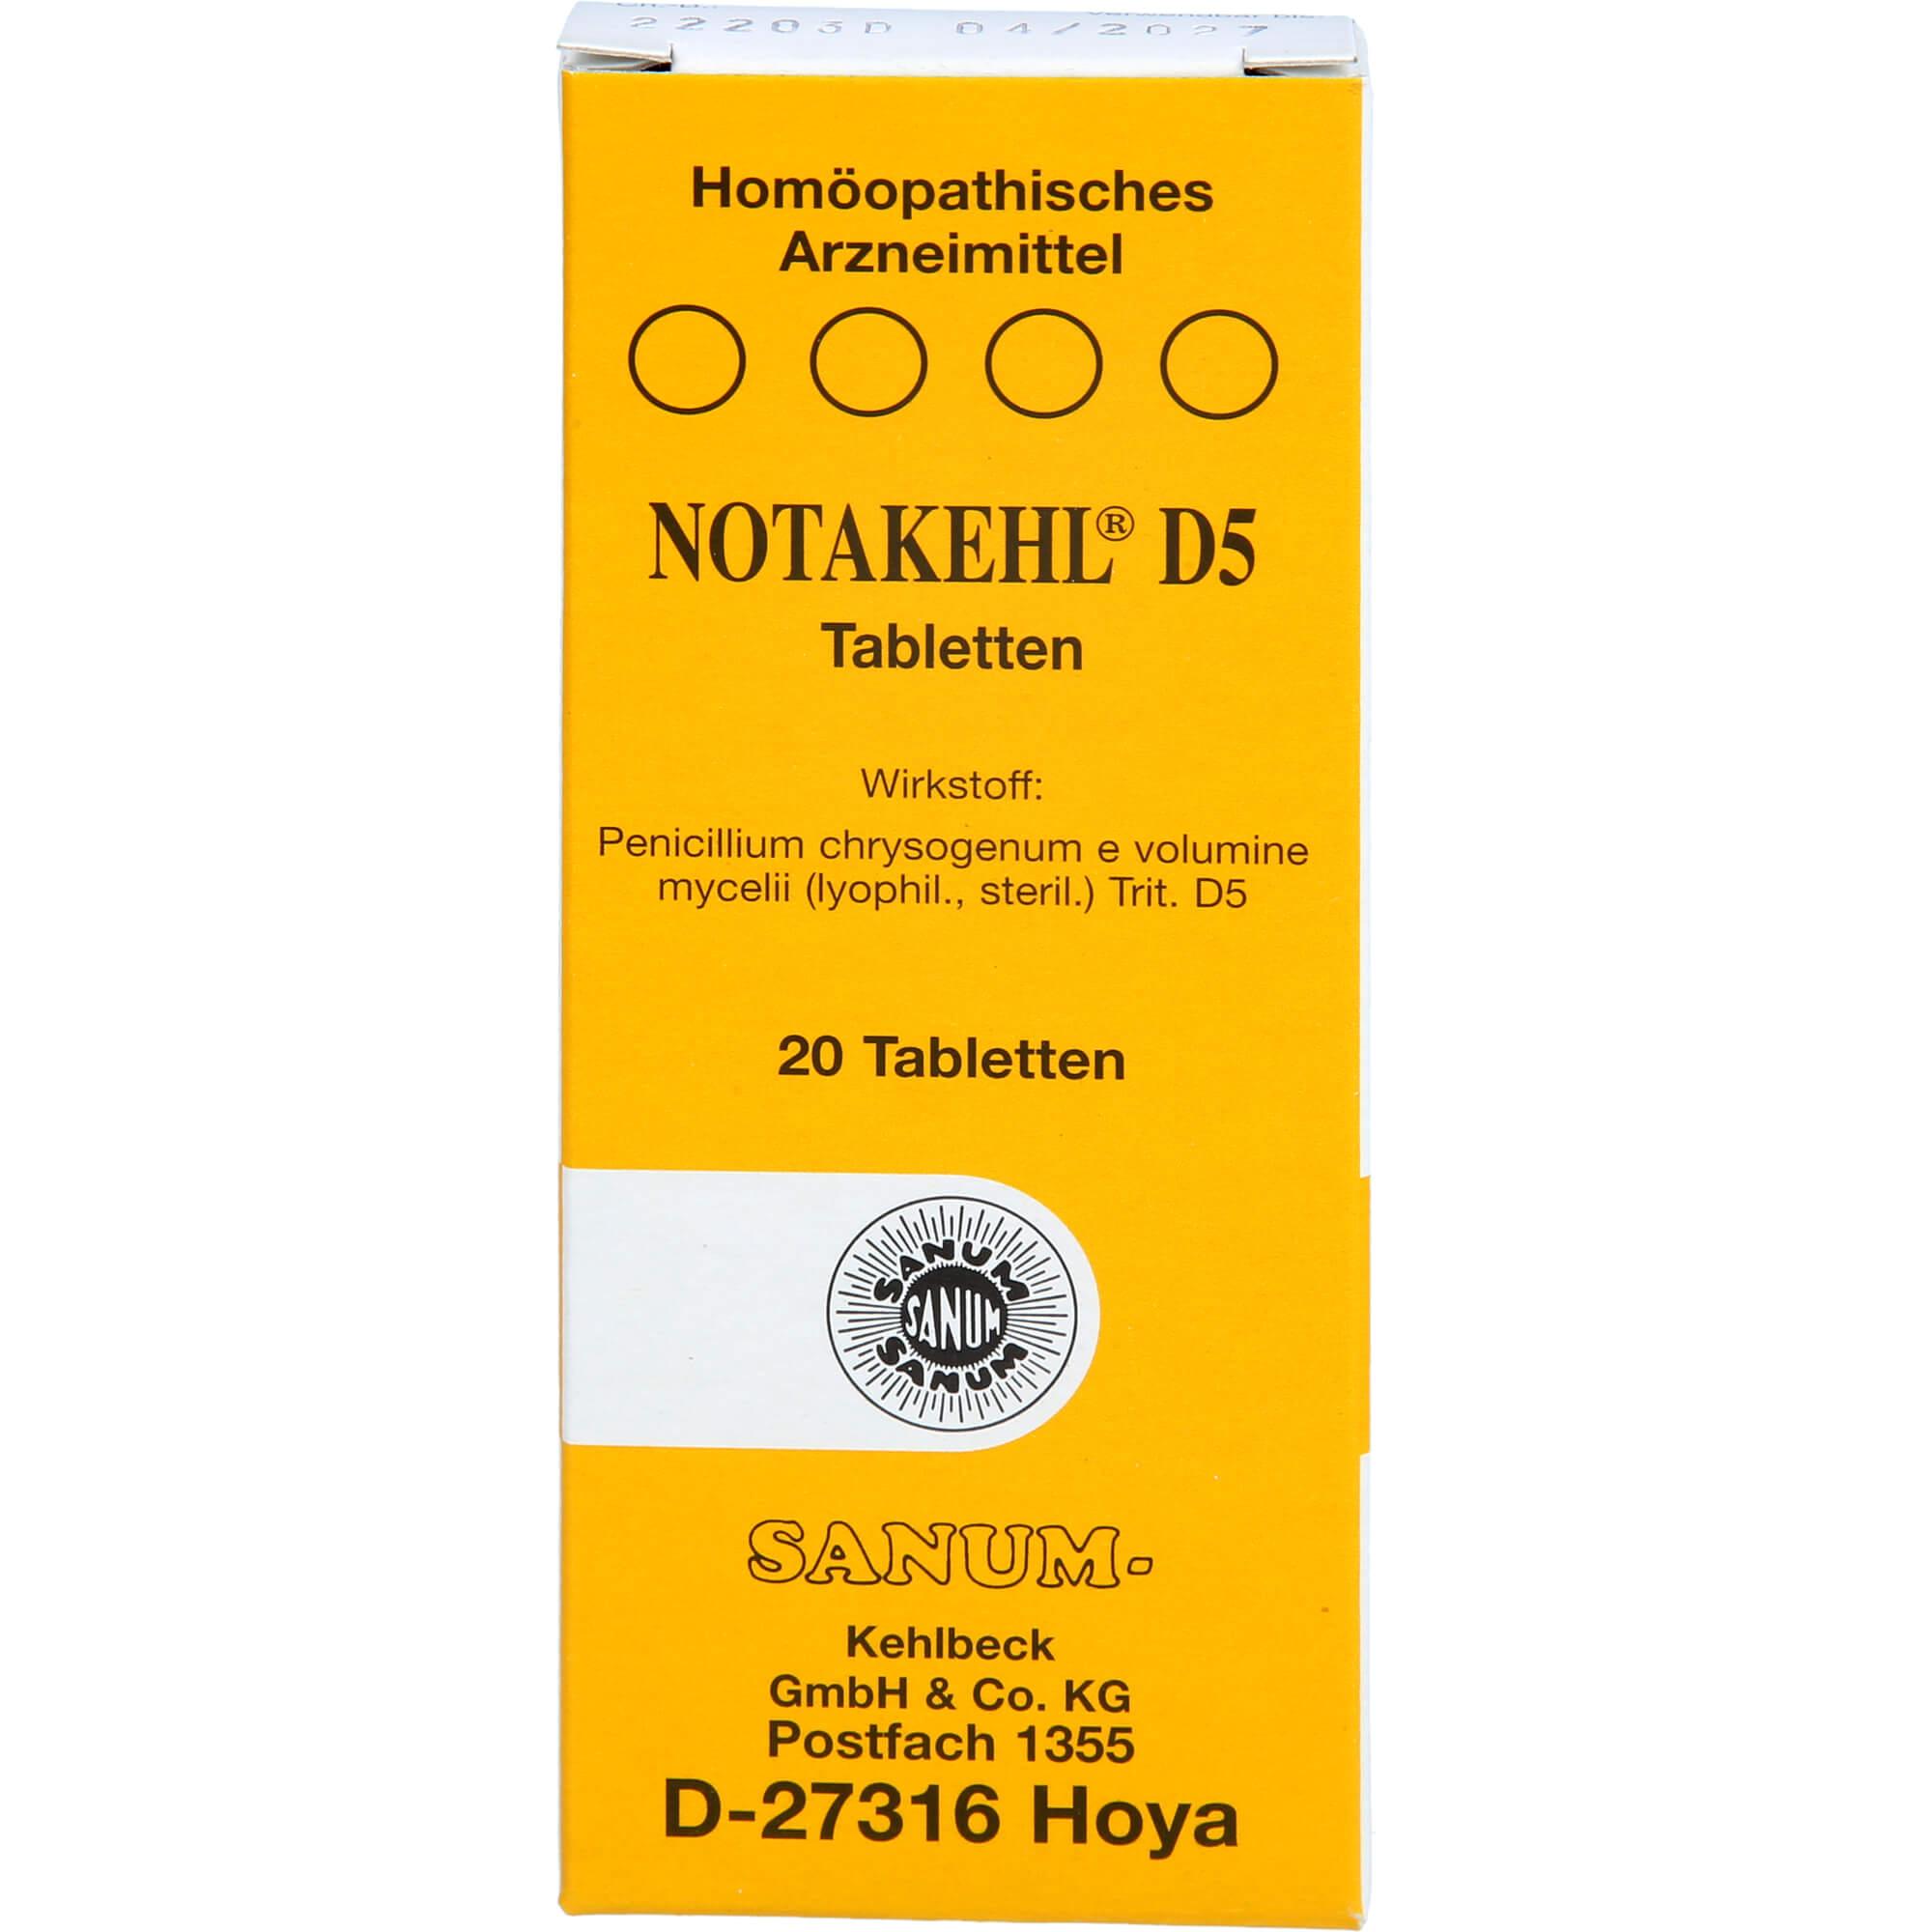 NOTAKEHL-D-5-Tabletten